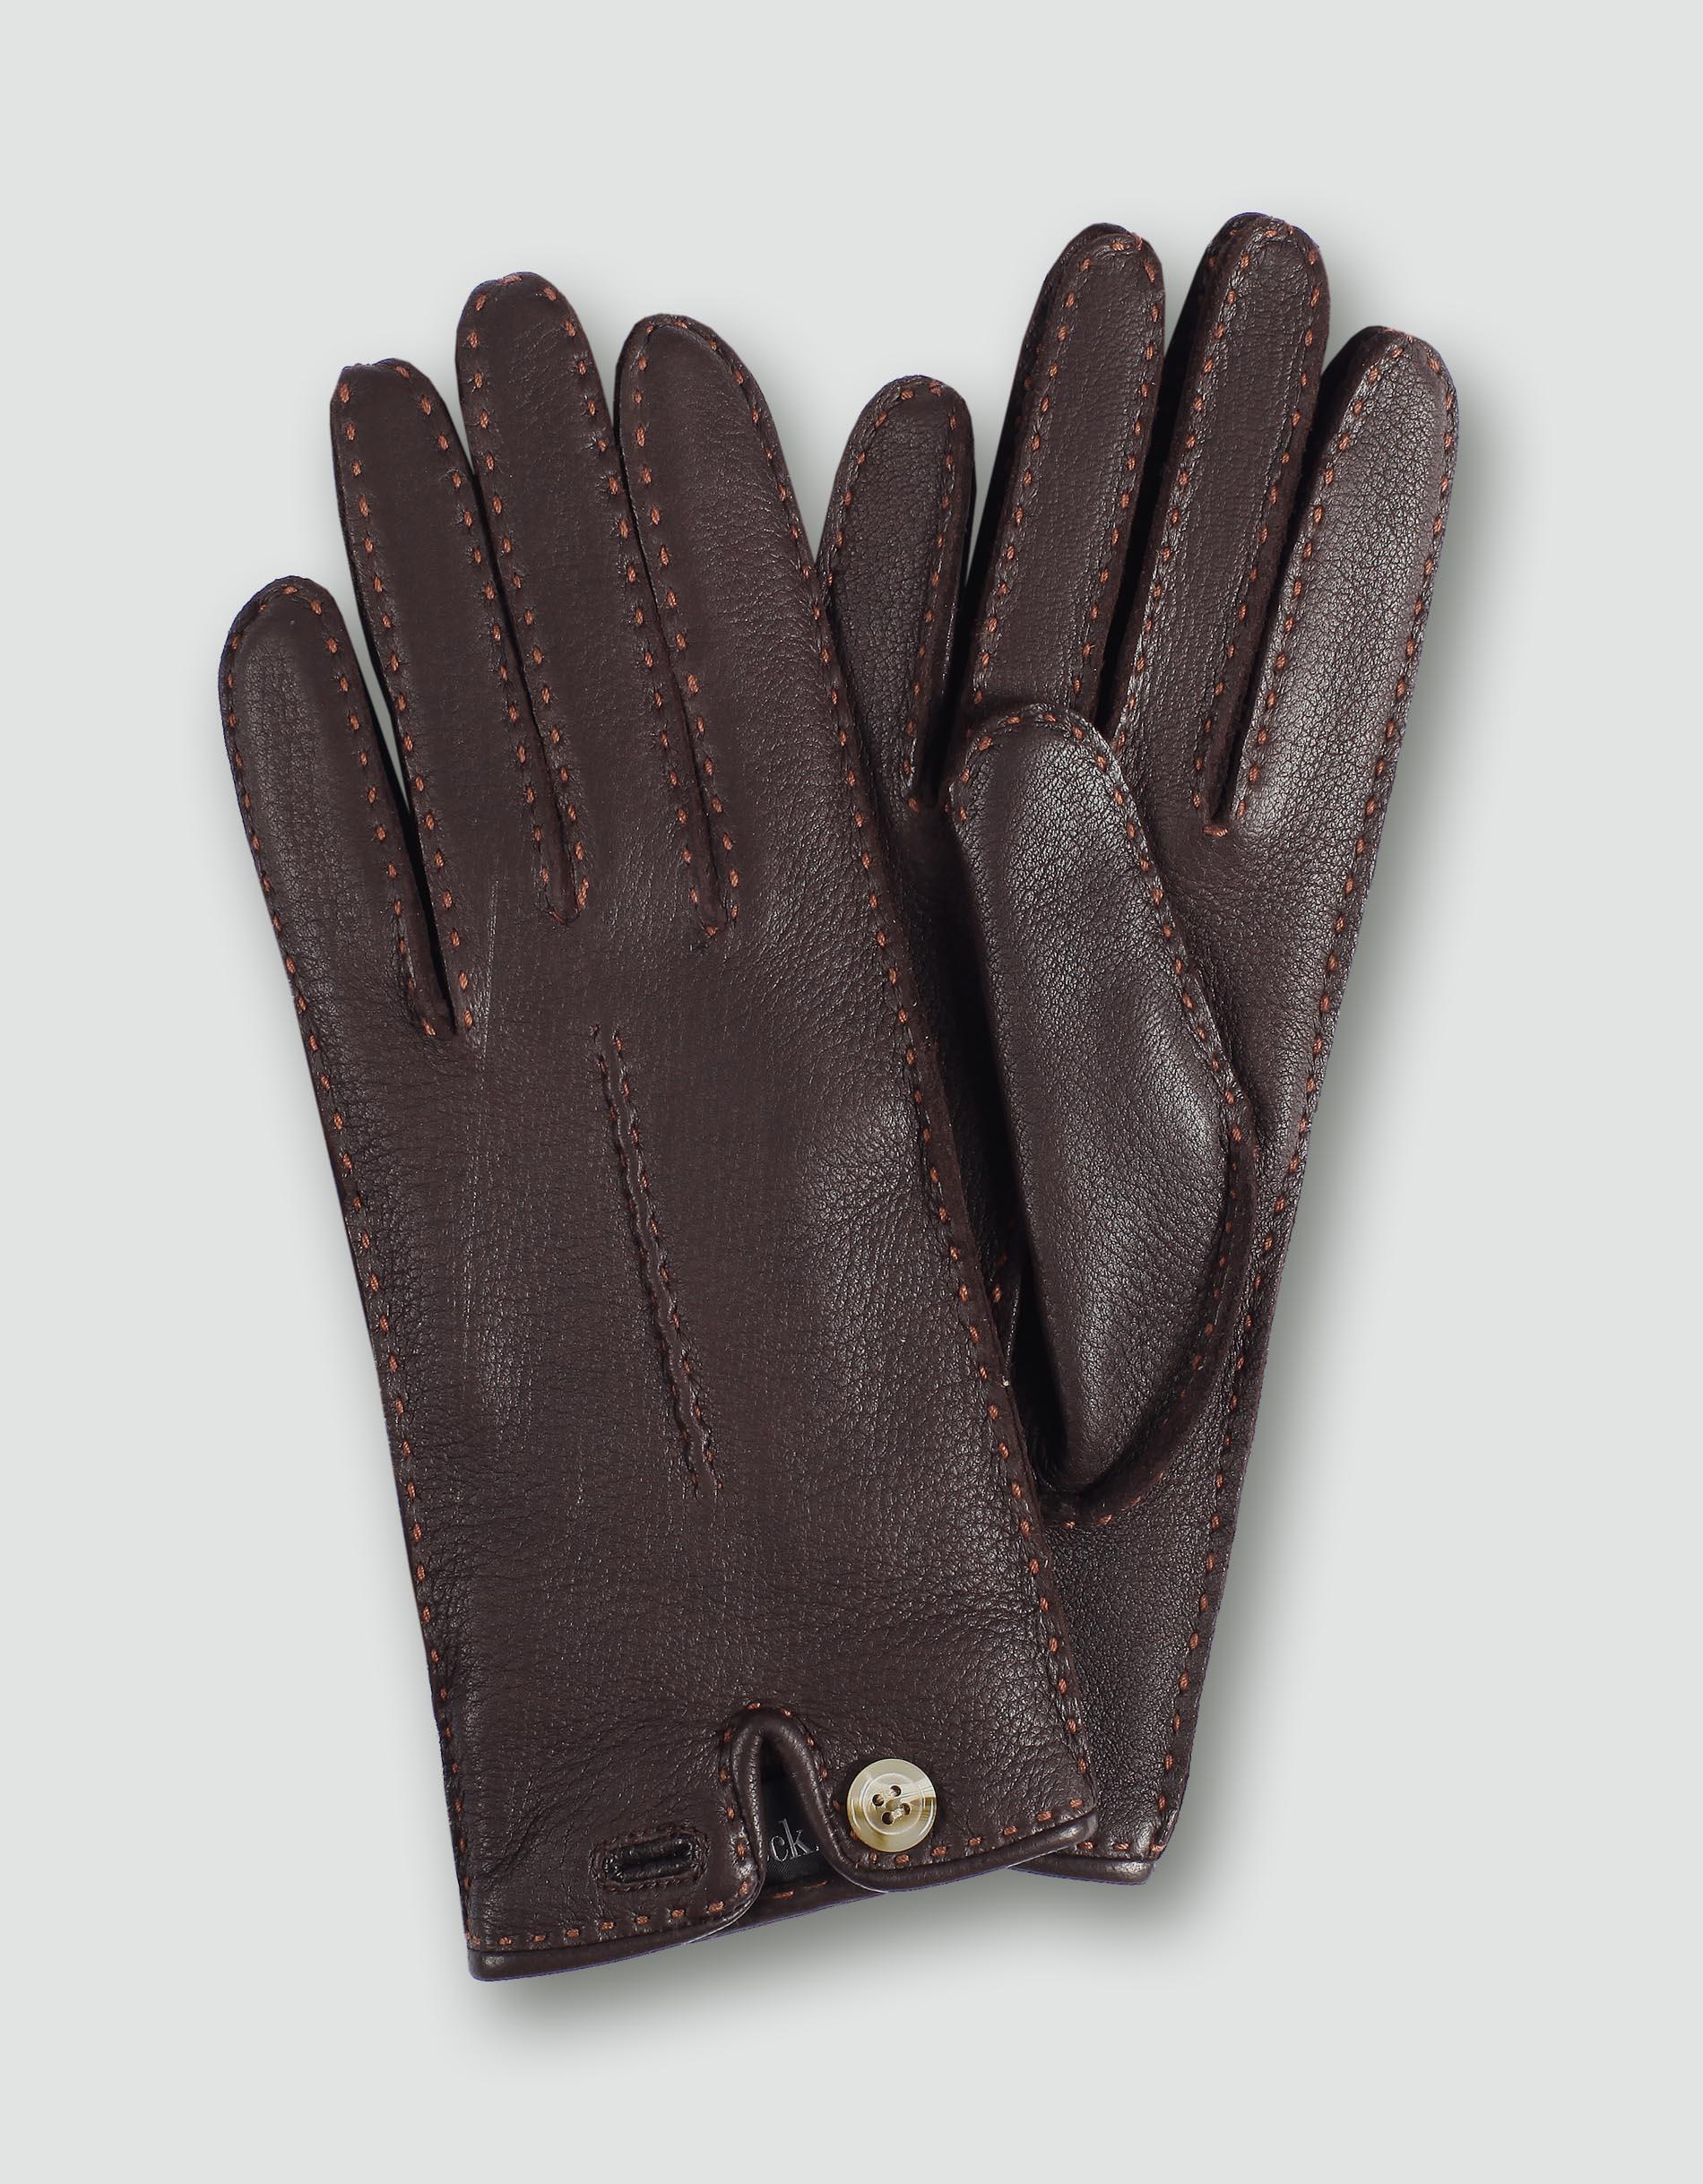 roeckl damen handschuhe hirsch nappa kaschmir. Black Bedroom Furniture Sets. Home Design Ideas